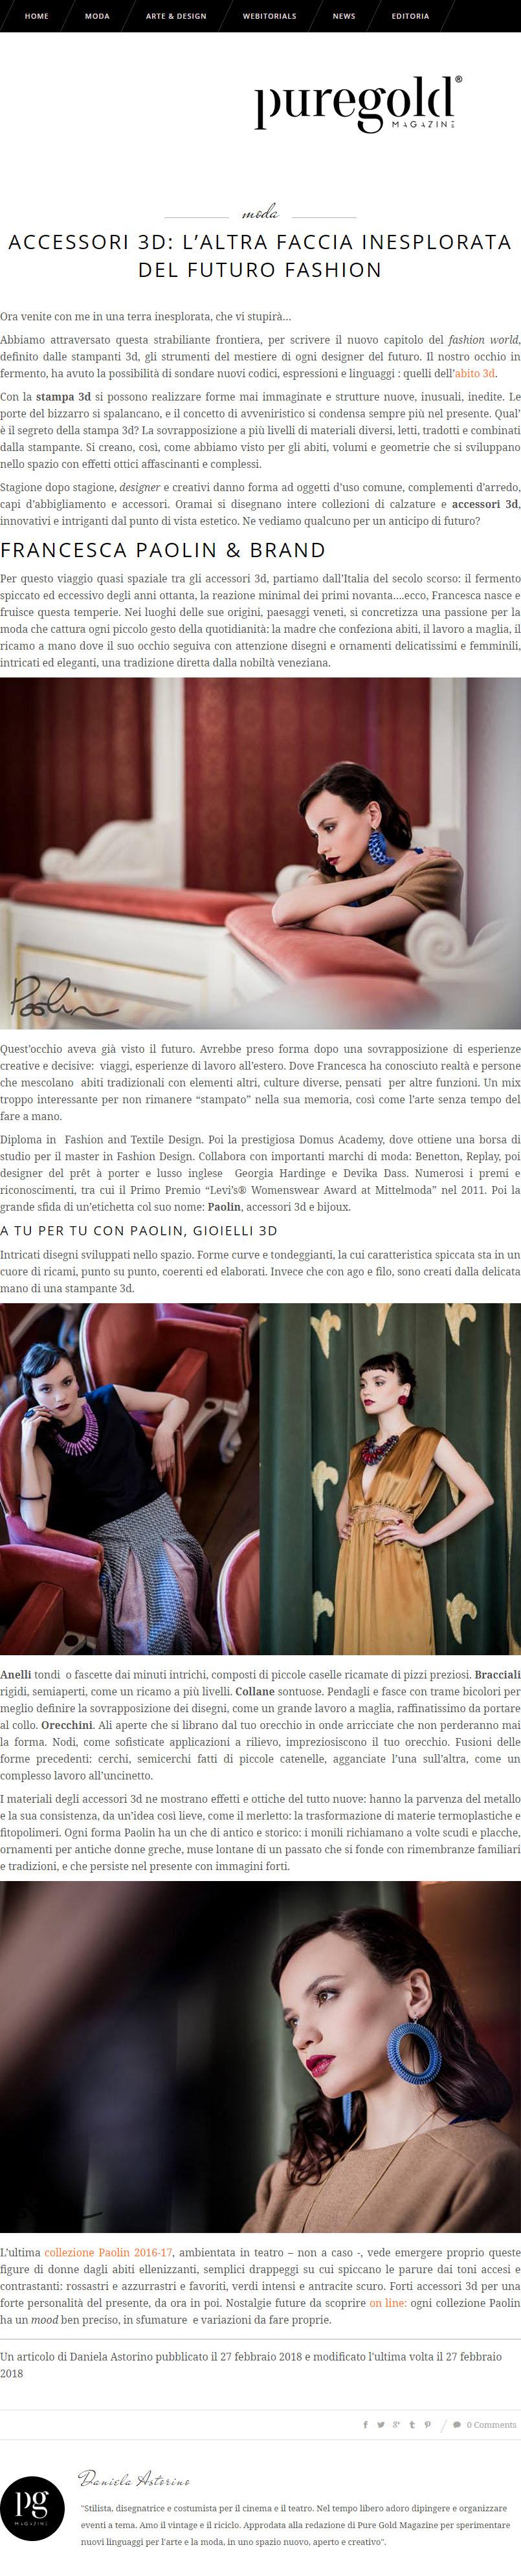 Paolin 3D gioielli stampati 3D su puregold fashion magazine